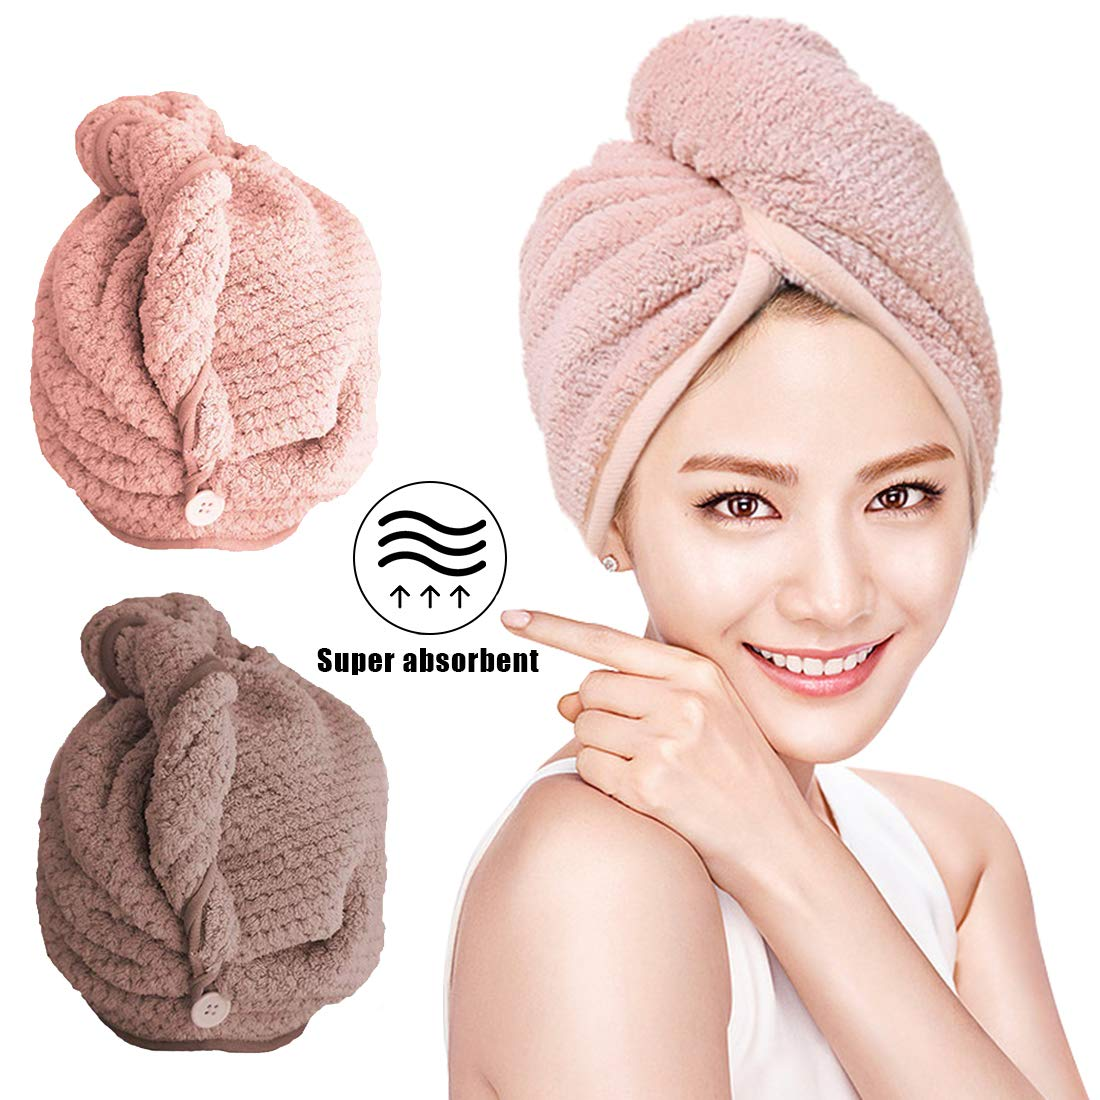 Capelli asciutti da 2pacchi Asciugamani in Microfibra Asciugacapelli Rapido Hair Towel Teli Doccia e Sauna O-Kinee Asciugamano Capelli a Turbante Rosa + Grigio